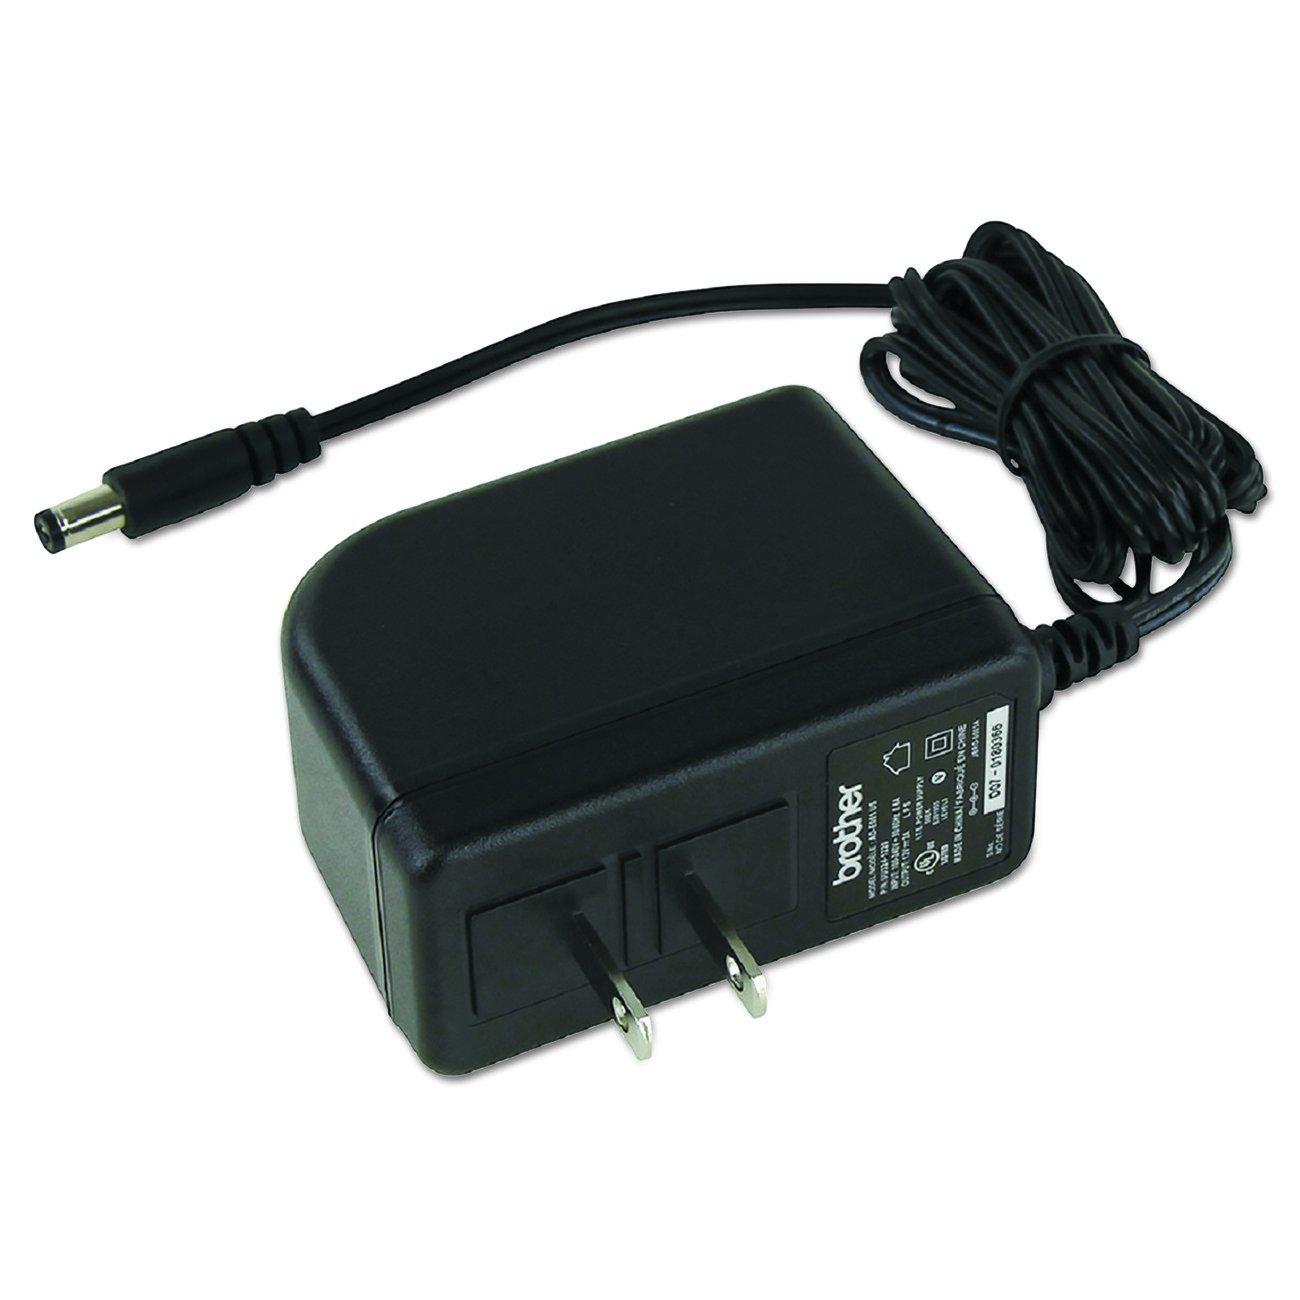 Brother 12V Dc Output Voltage Labeler (BRTADE001)